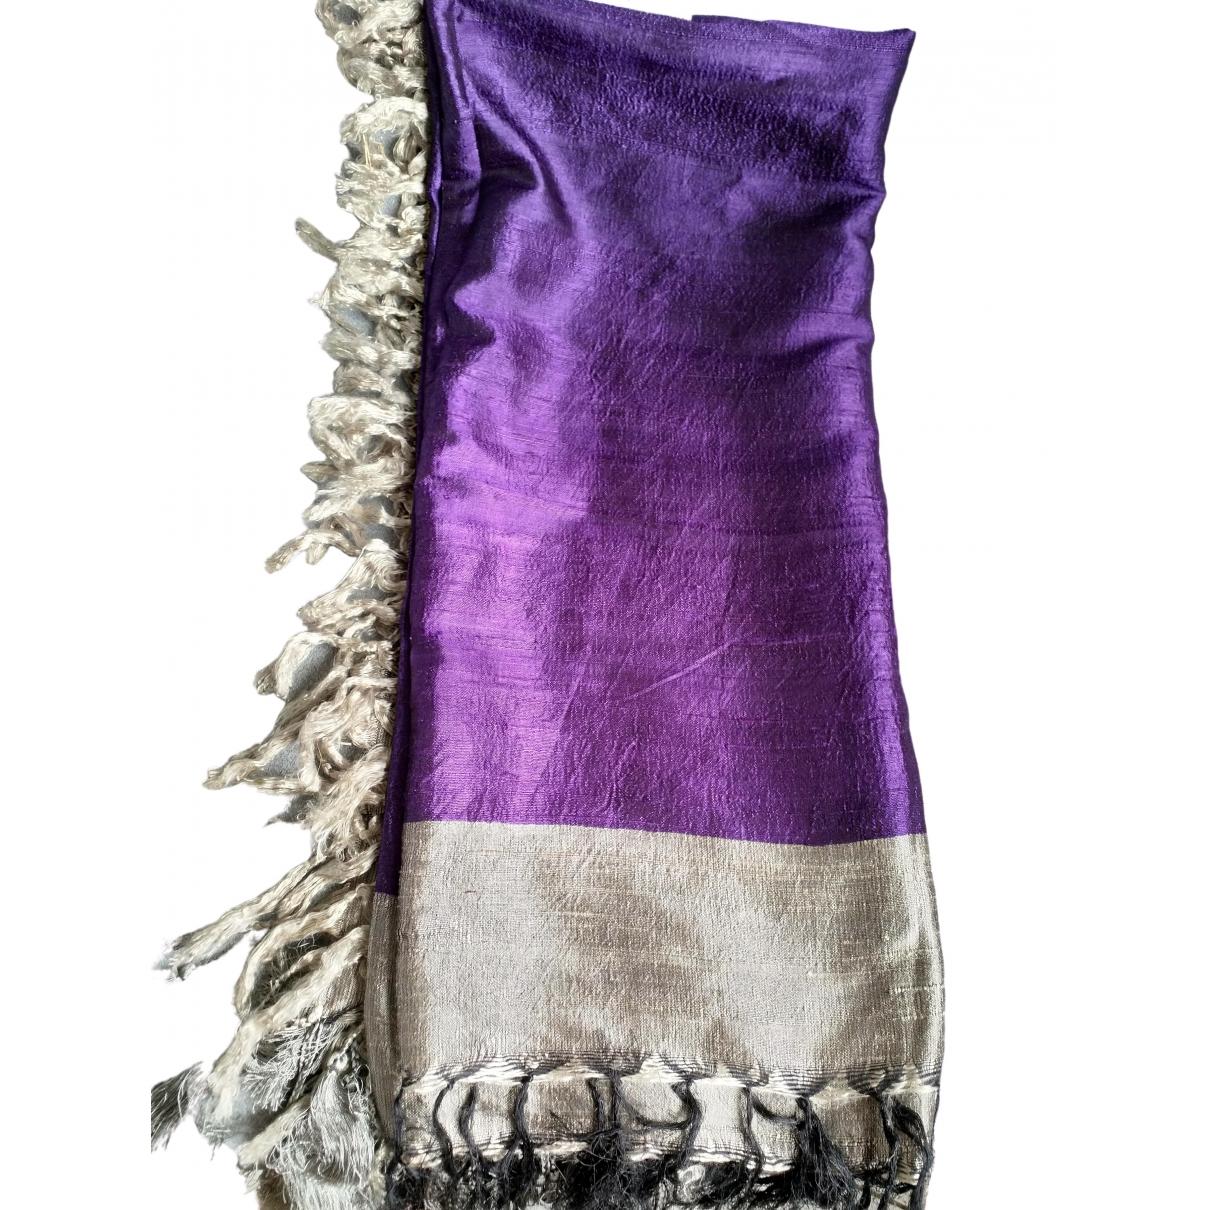 Dries Van Noten - Foulard   pour femme en soie - violet